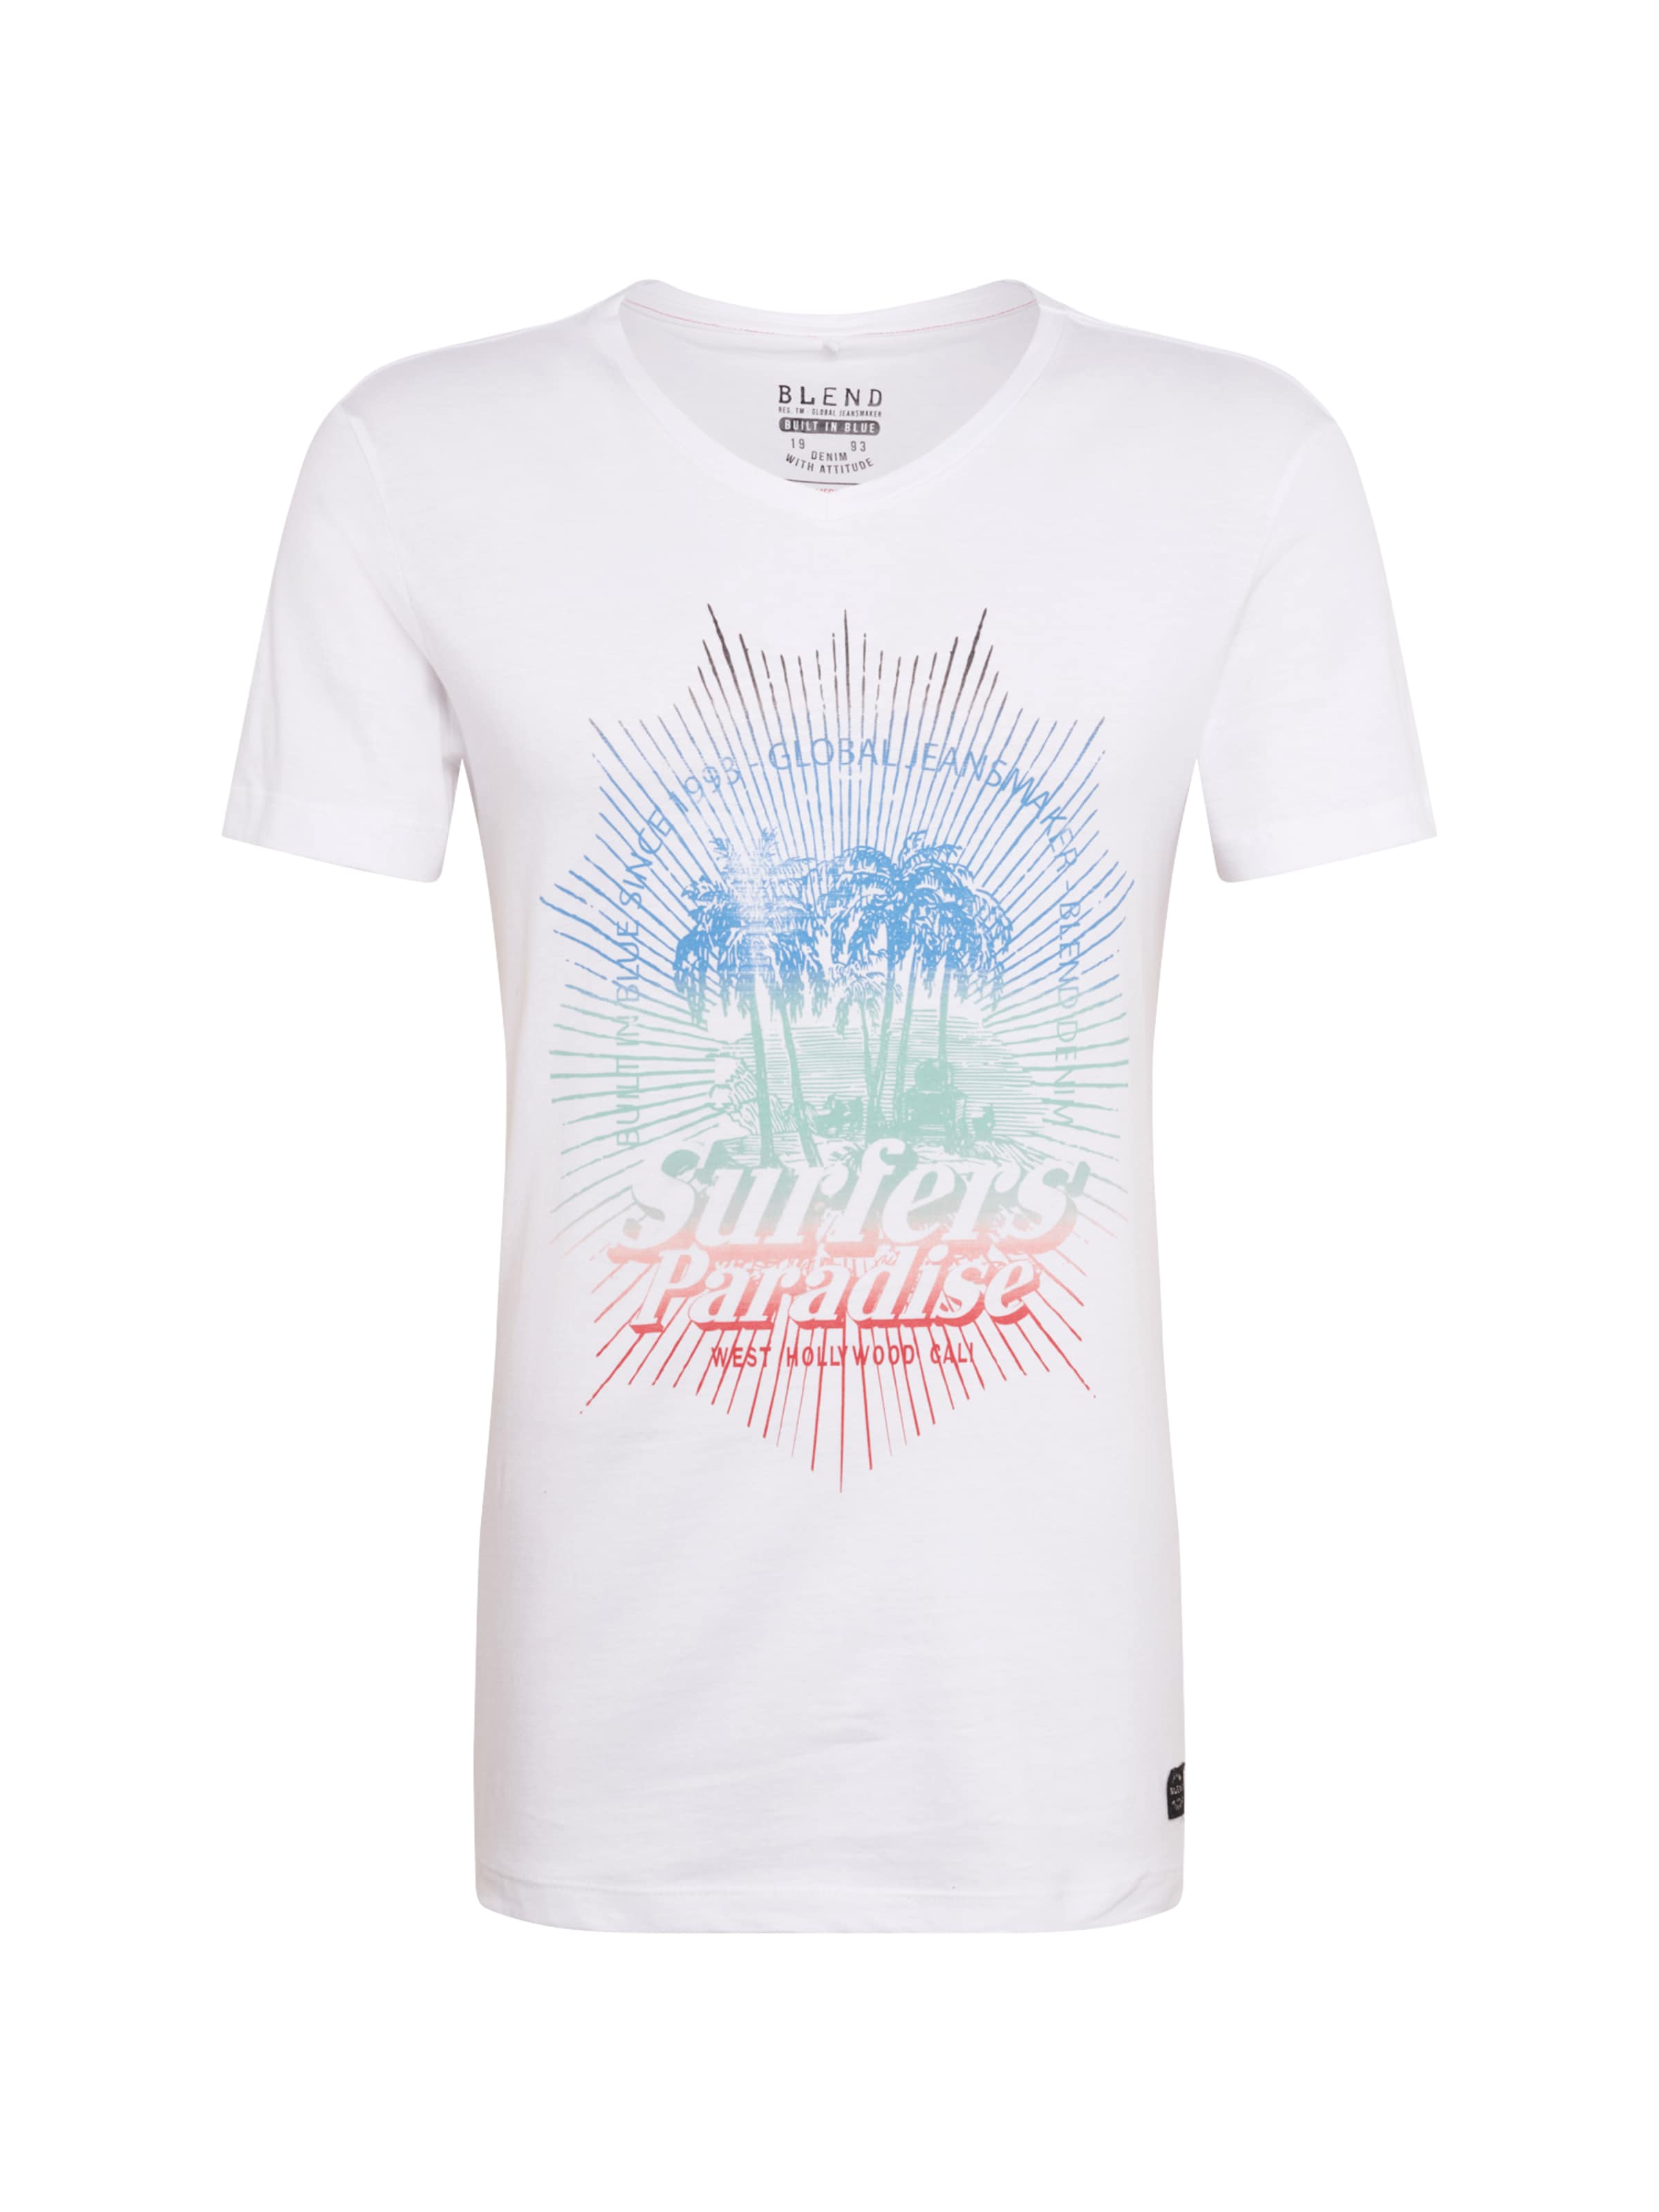 CouleursBlanc Mélange De shirt In BlendT vmO8N0wn